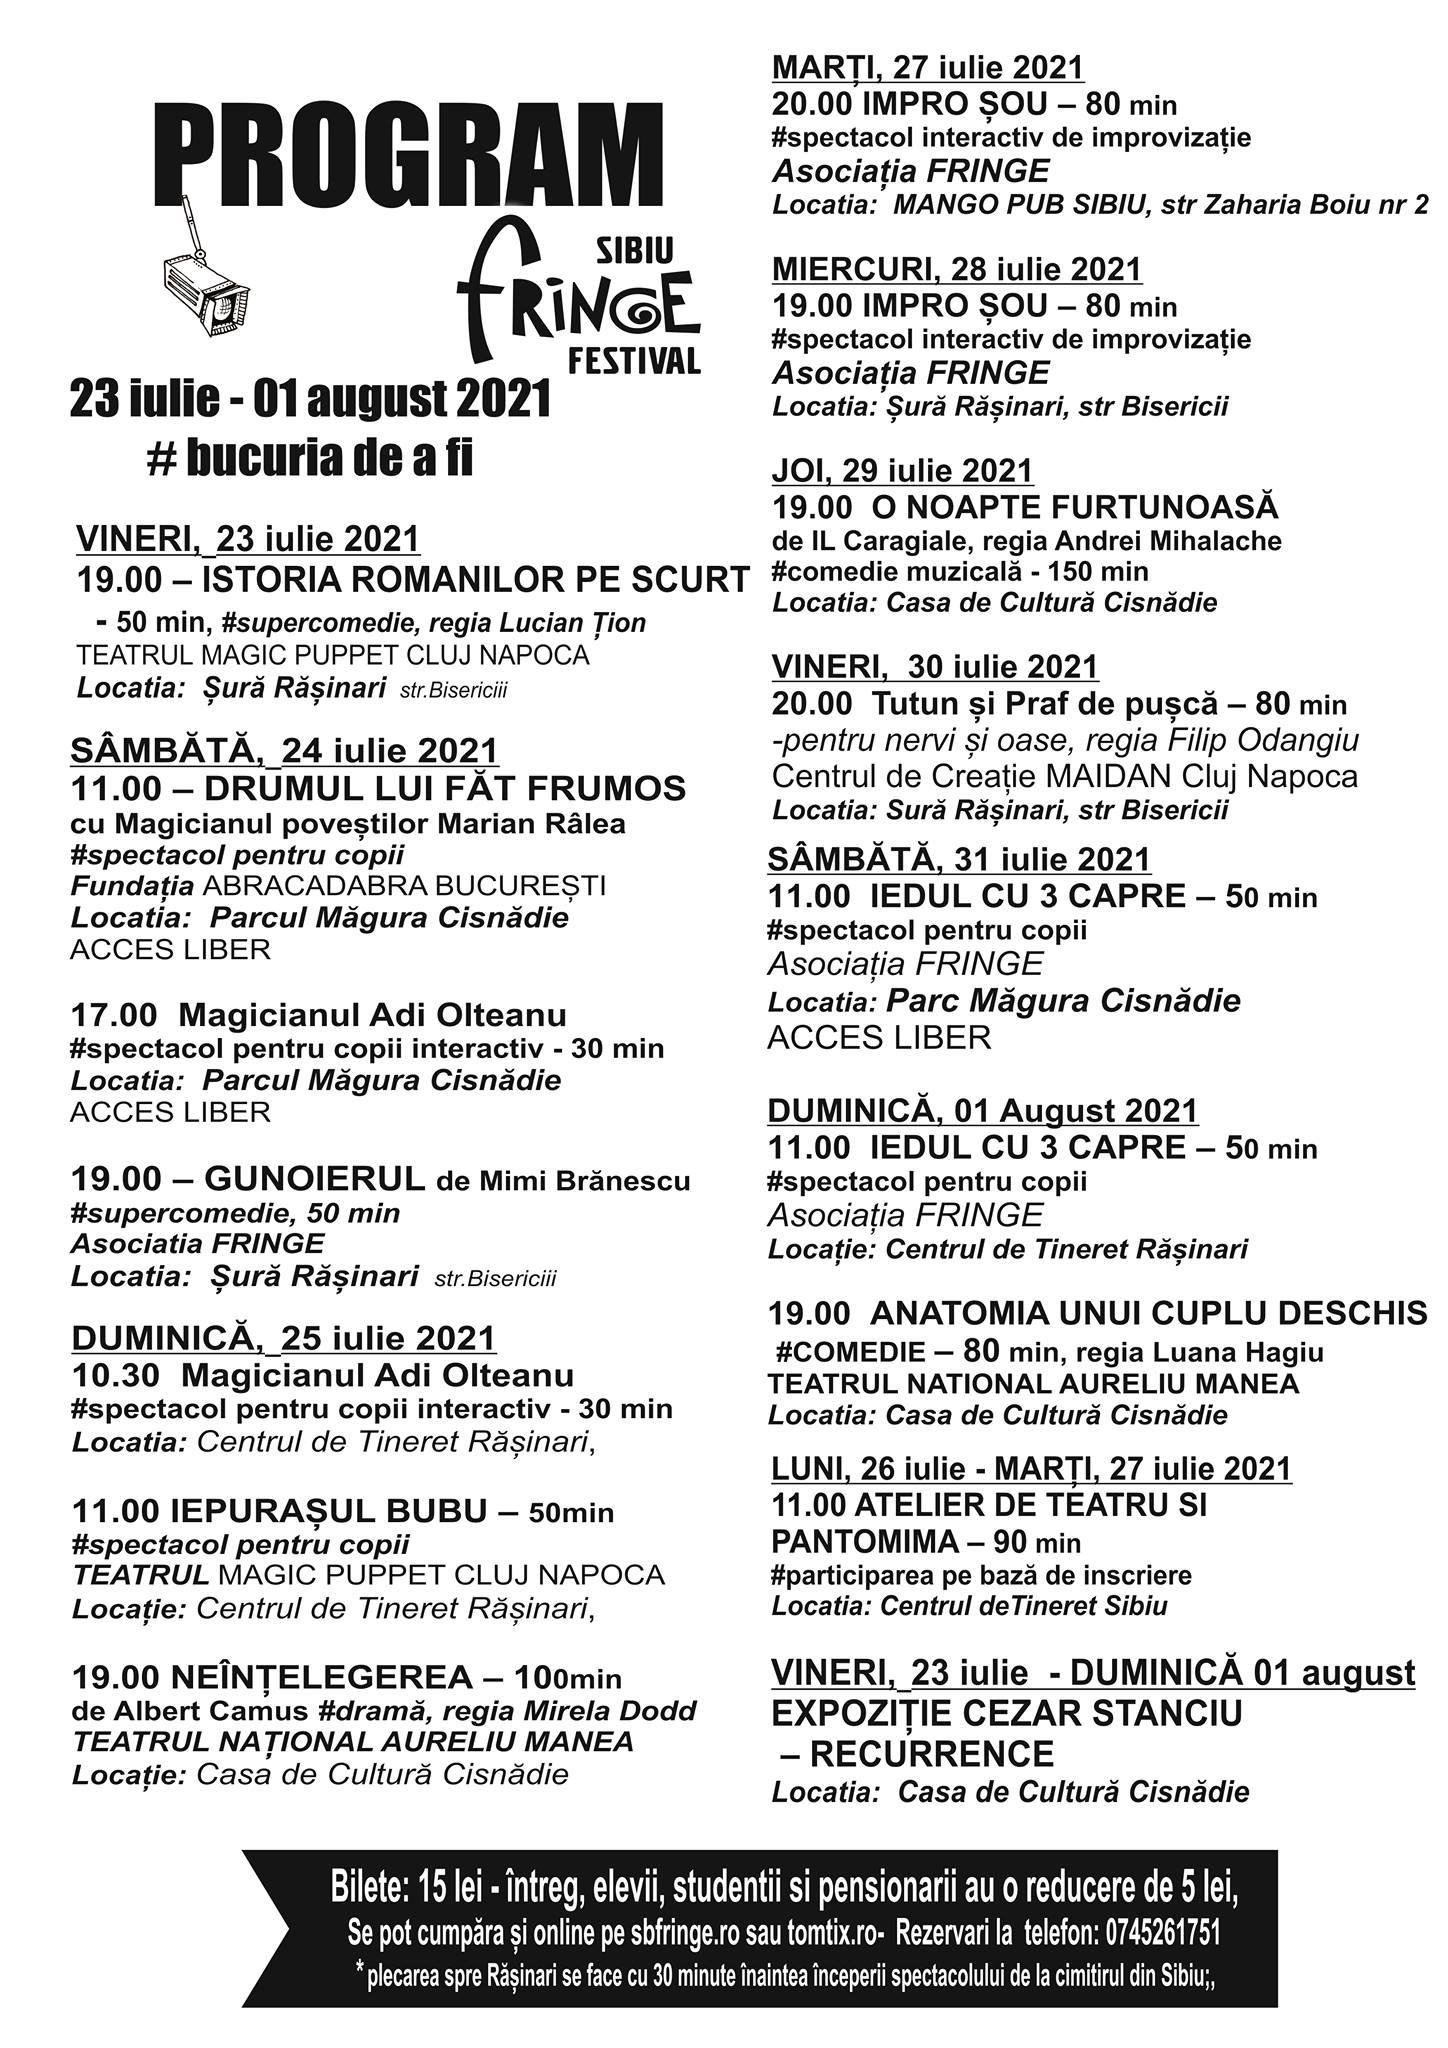 Programul Sibiu Fringe Festival din acest an reunește artiști din mai multe colțuri ale țării